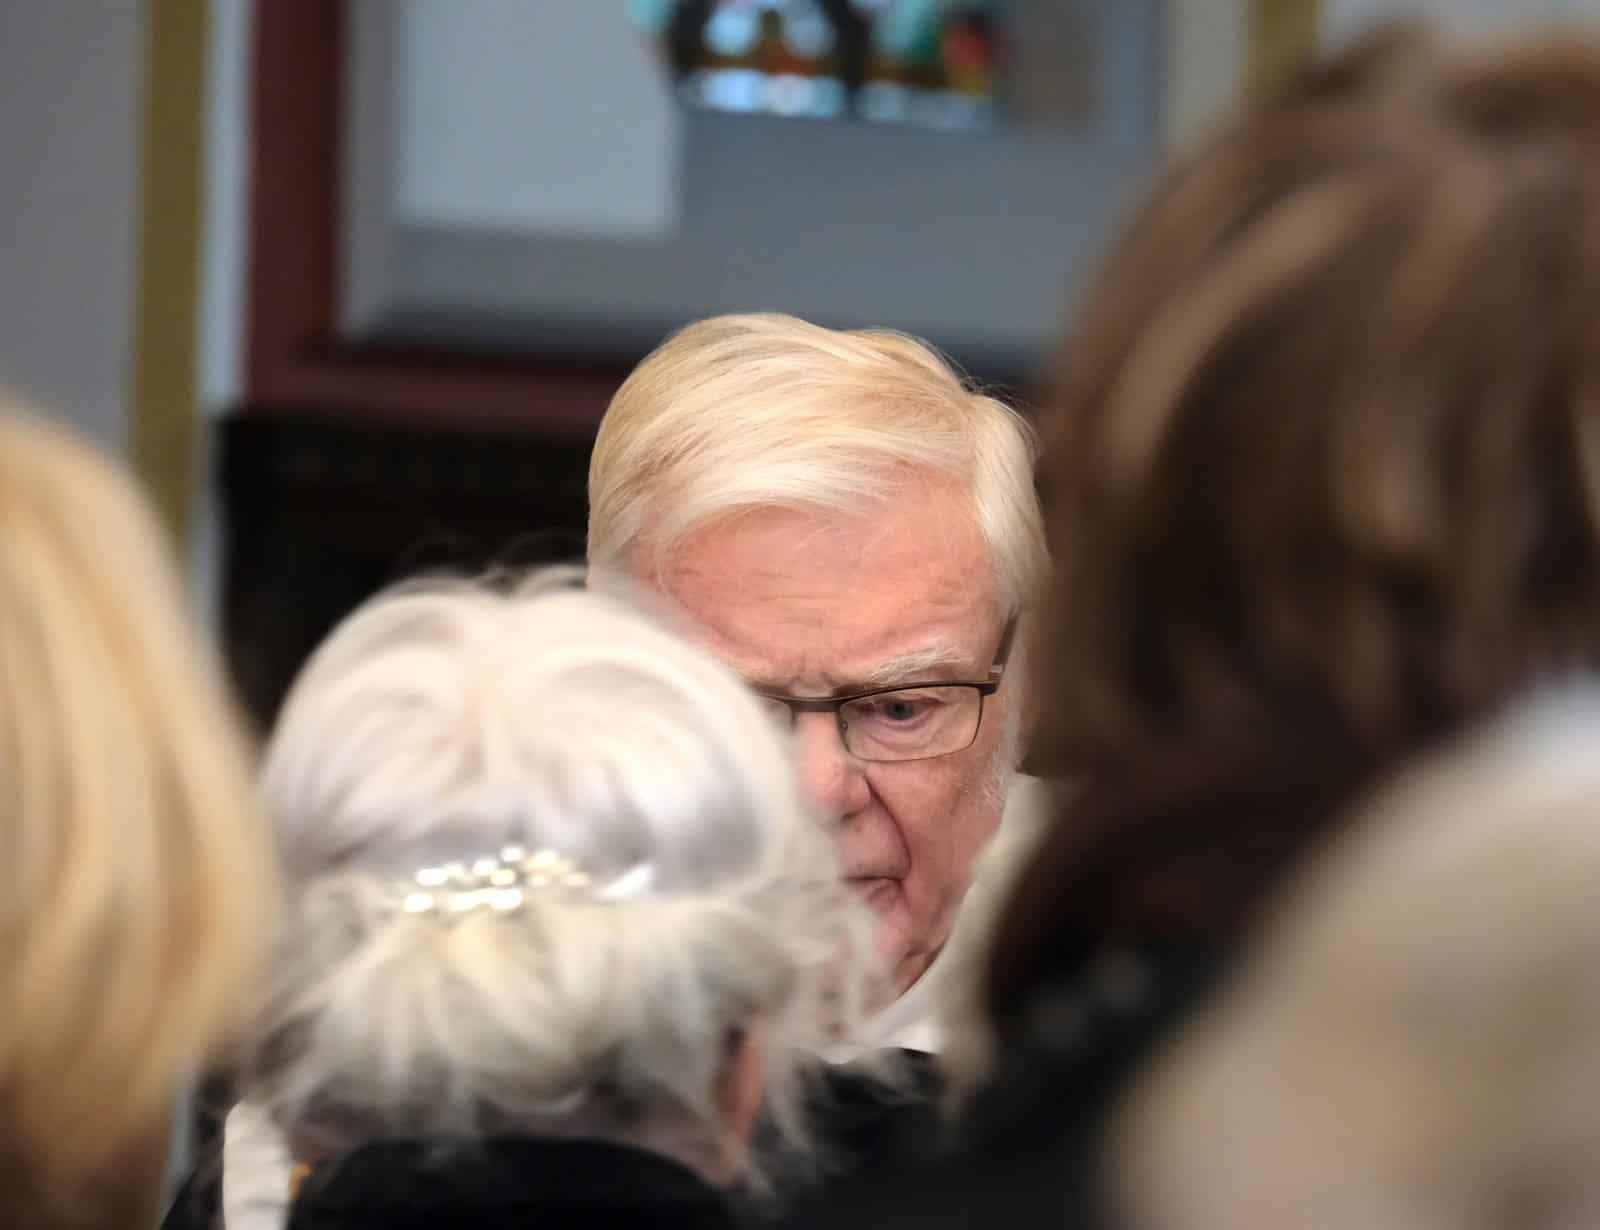 Paul Minke Uitvaart Ernst Marijnissen Huissen 16 februari 2018 -175